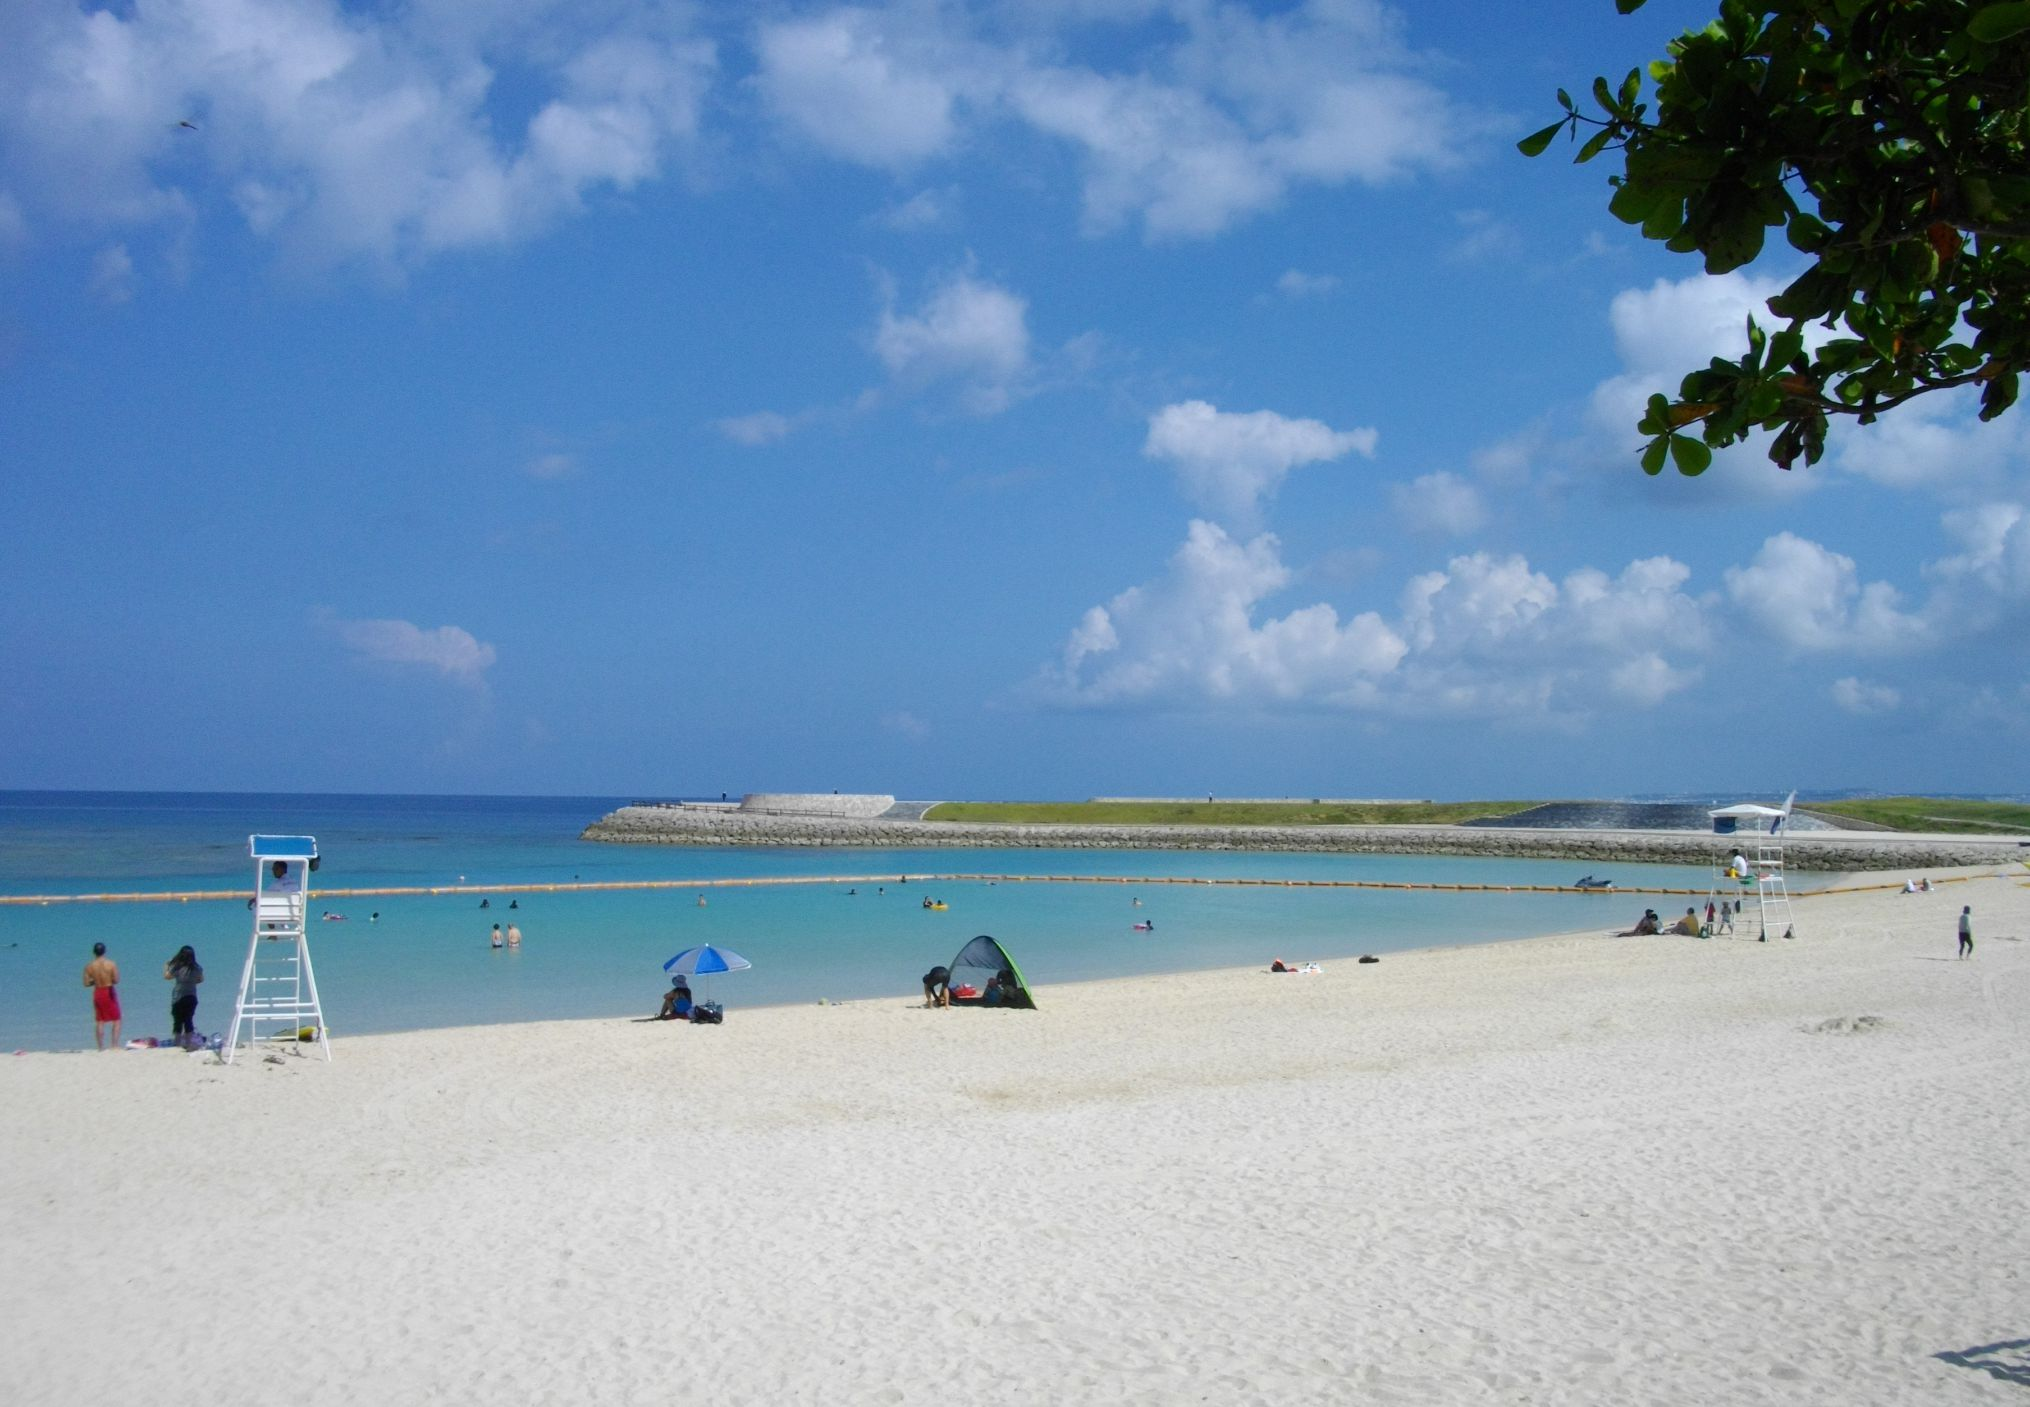 Ginowan_Tropical_Beach_1.jpg